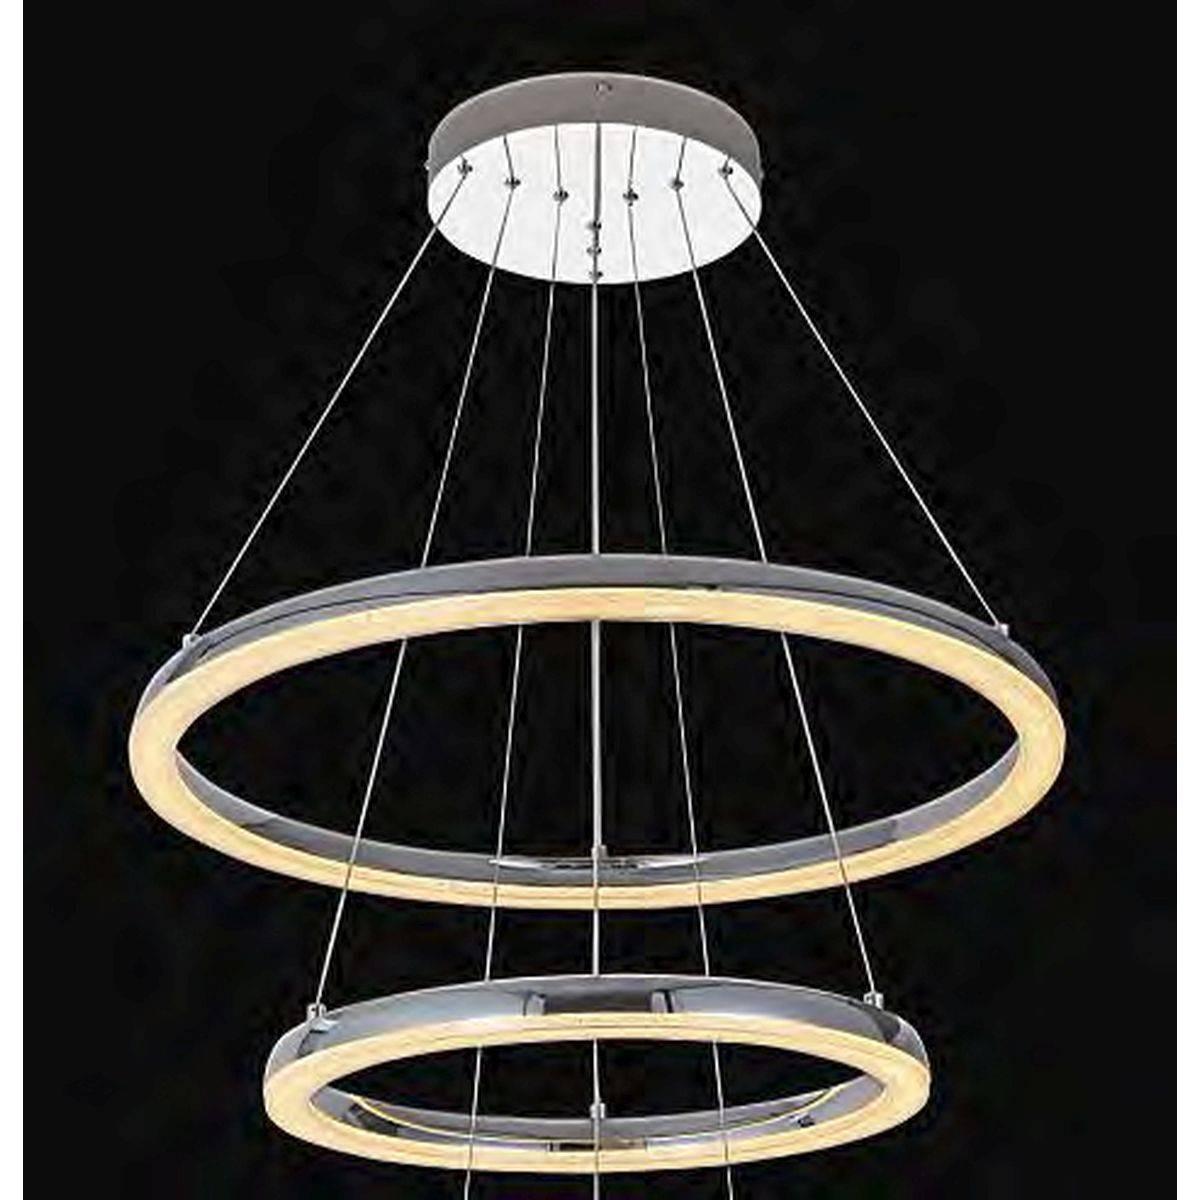 Подвесной светодиодный светильник Globo Siggi 65108-60 шарф cm14235 siggi